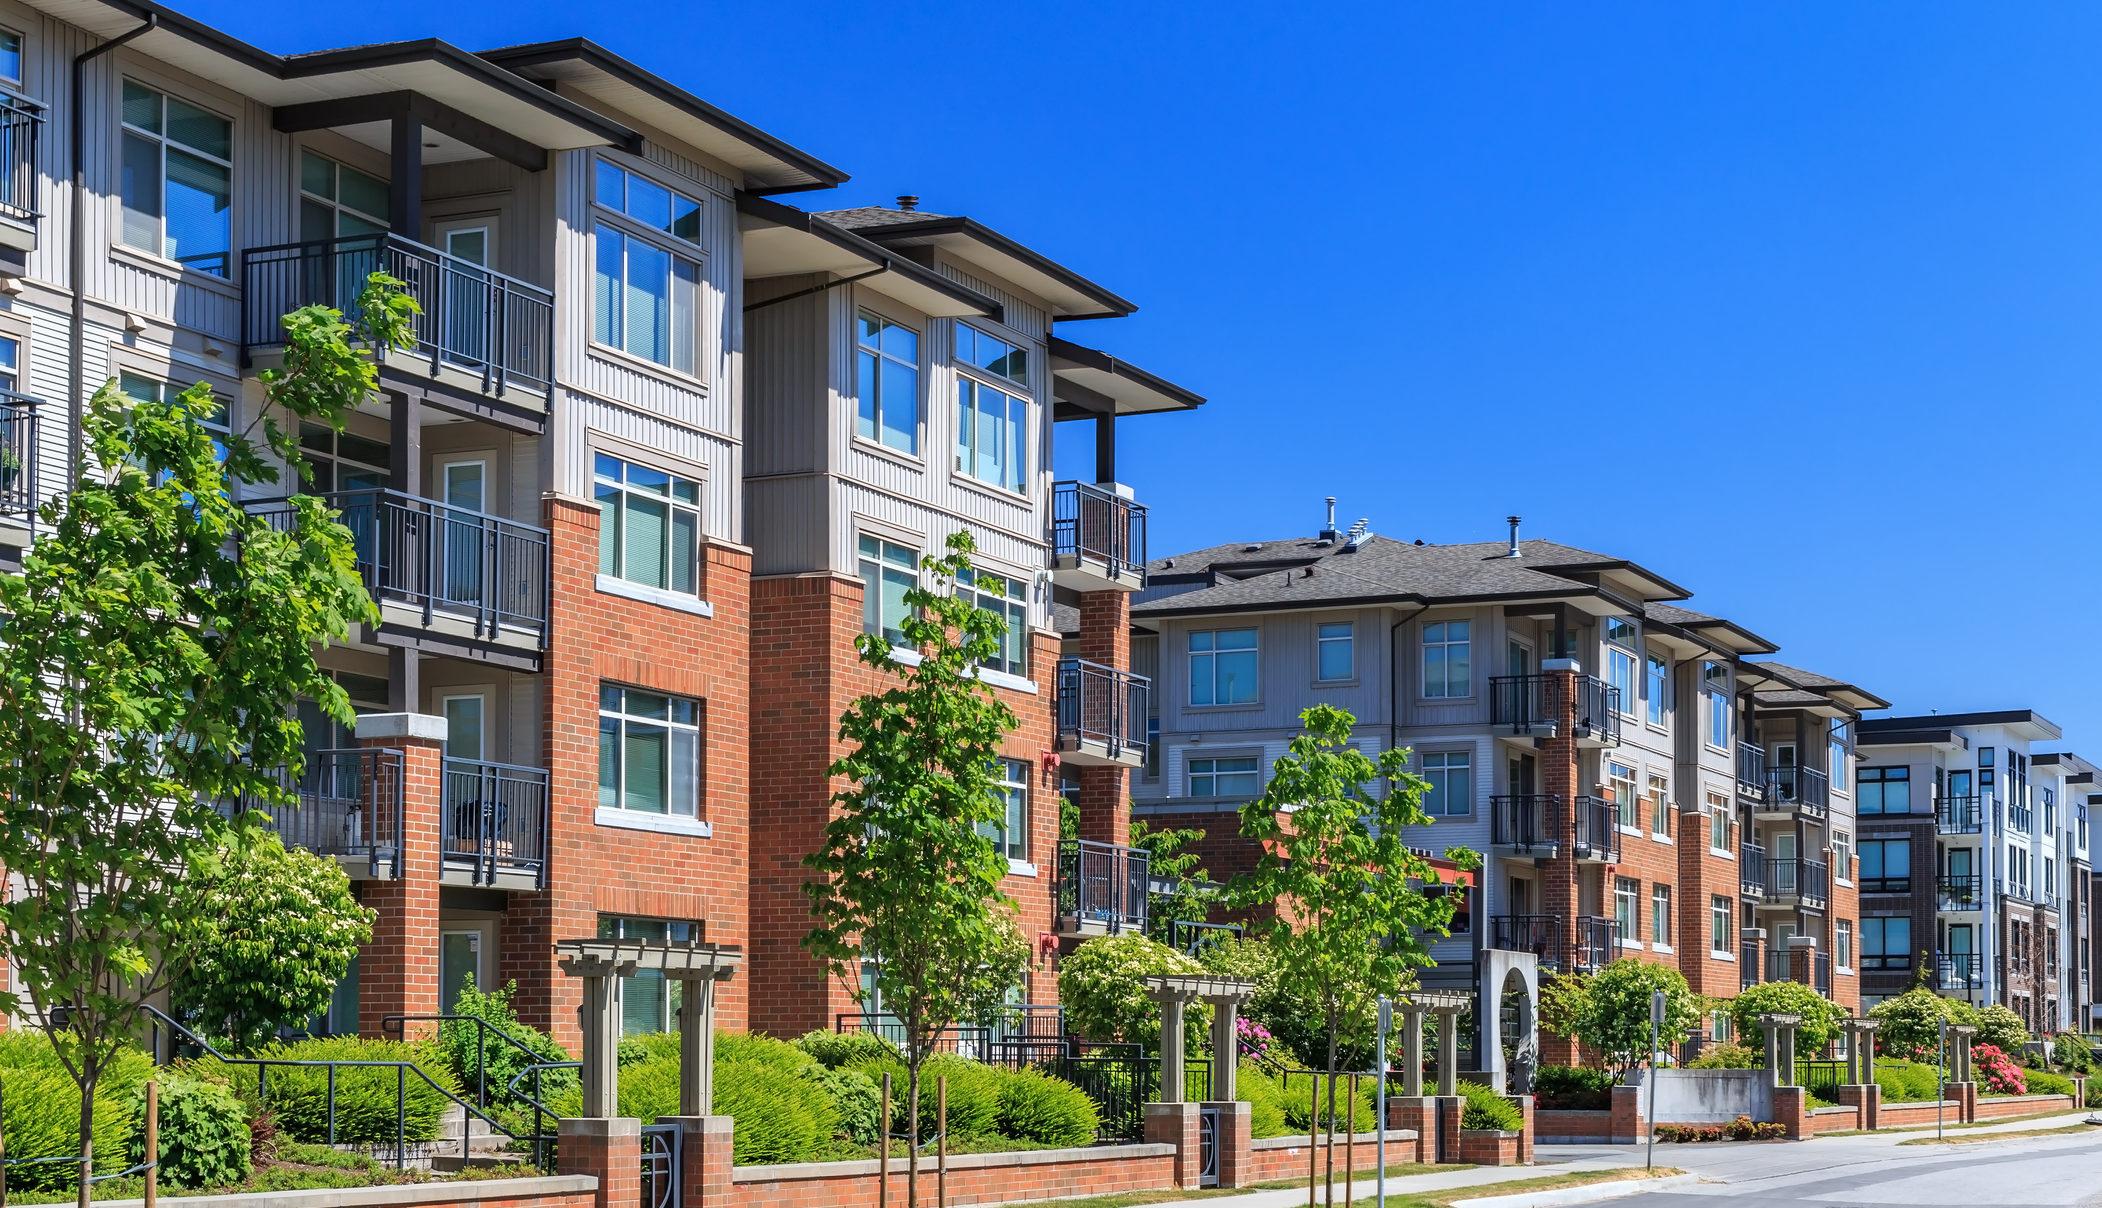 Commercial Real Estate Smyrna